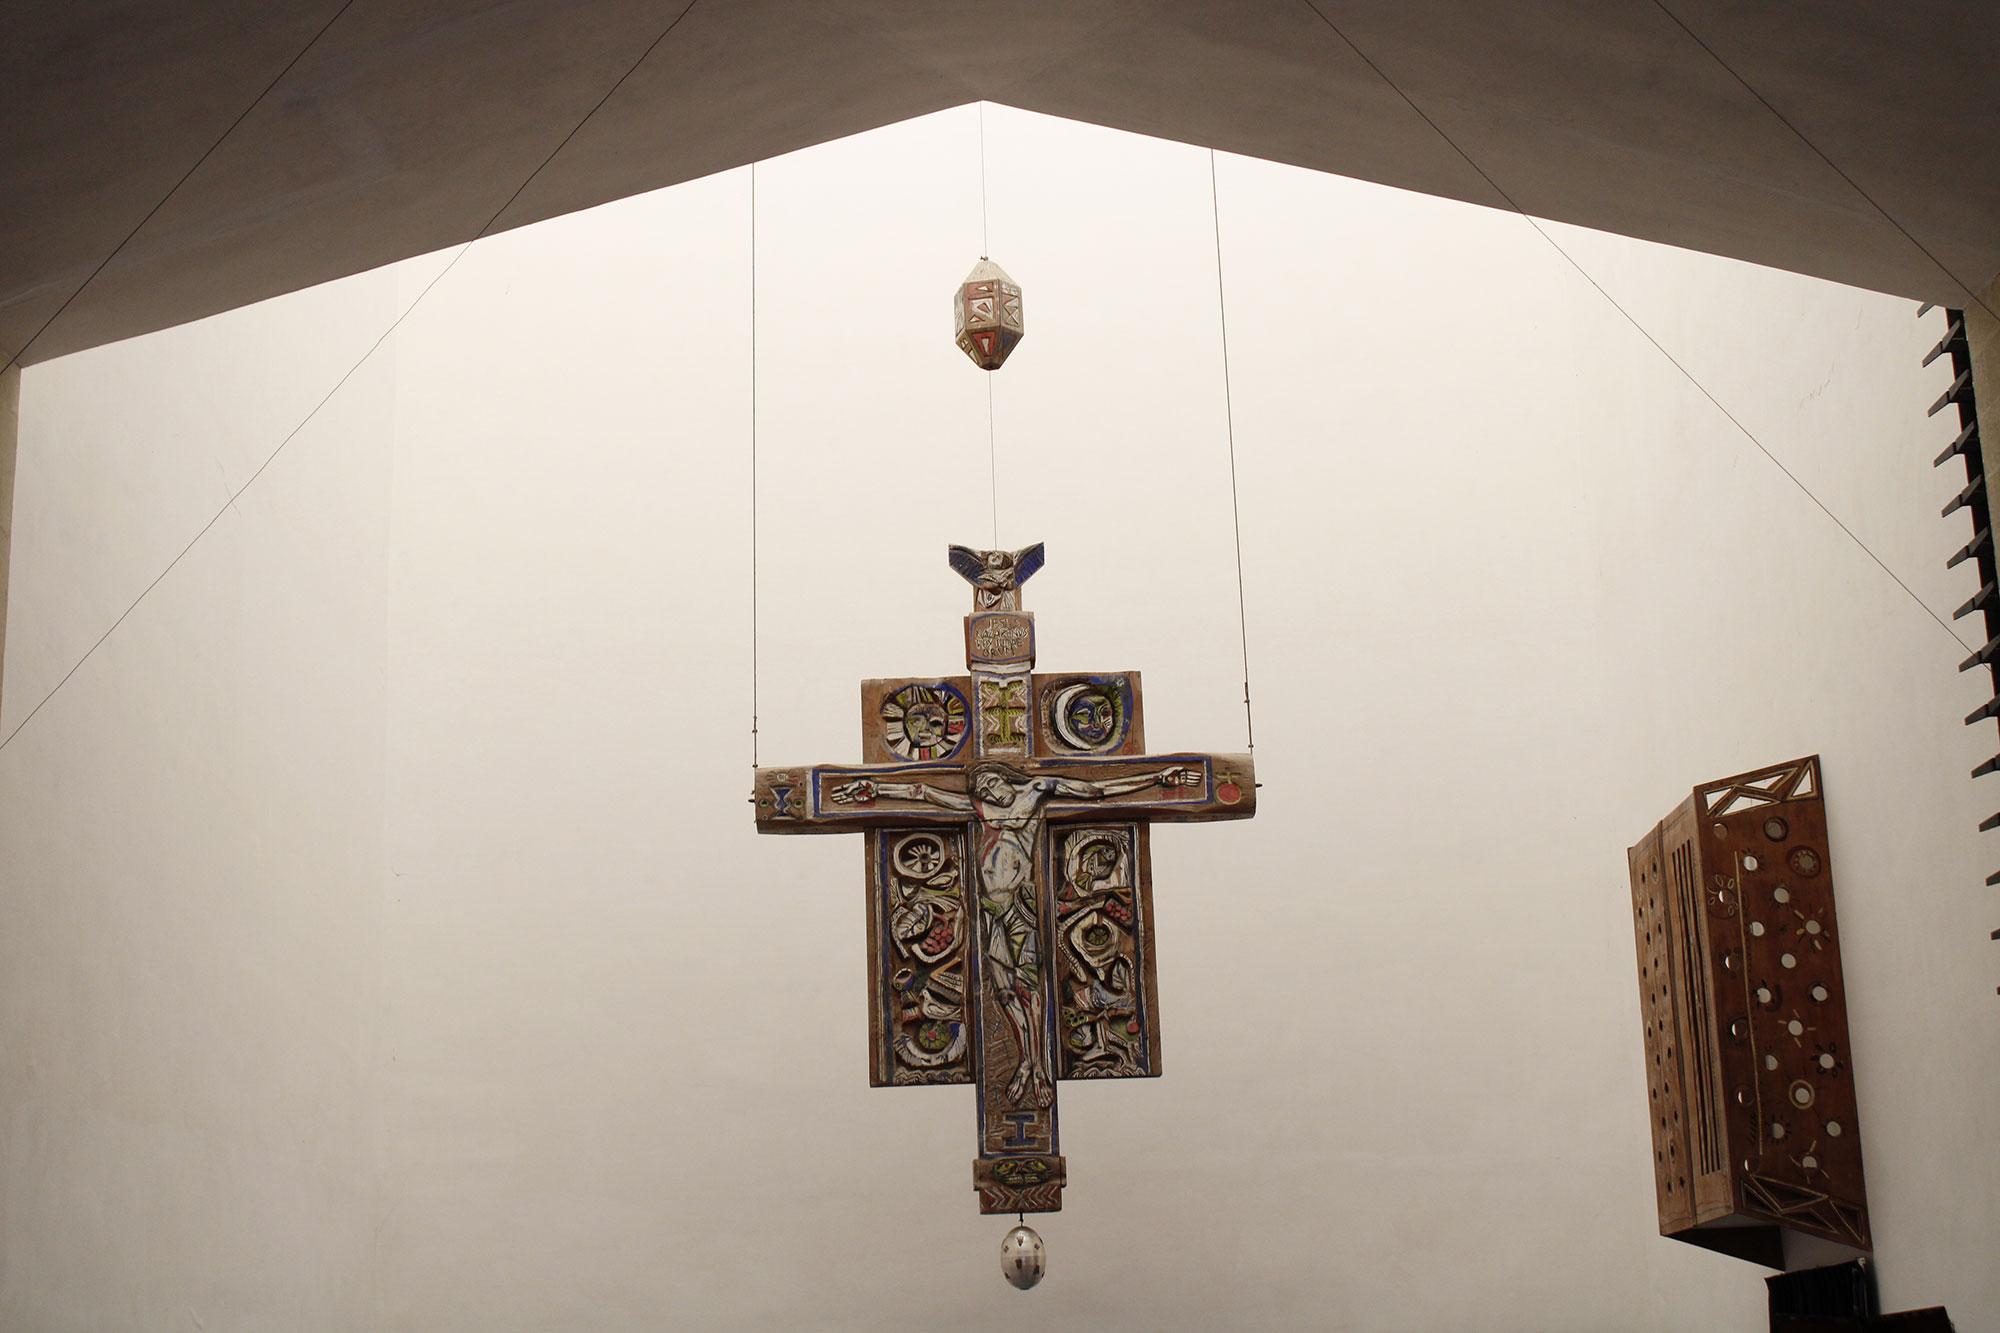 Crocifisso ligneo di Giorgio Quaroni nella chiesa di La Martella